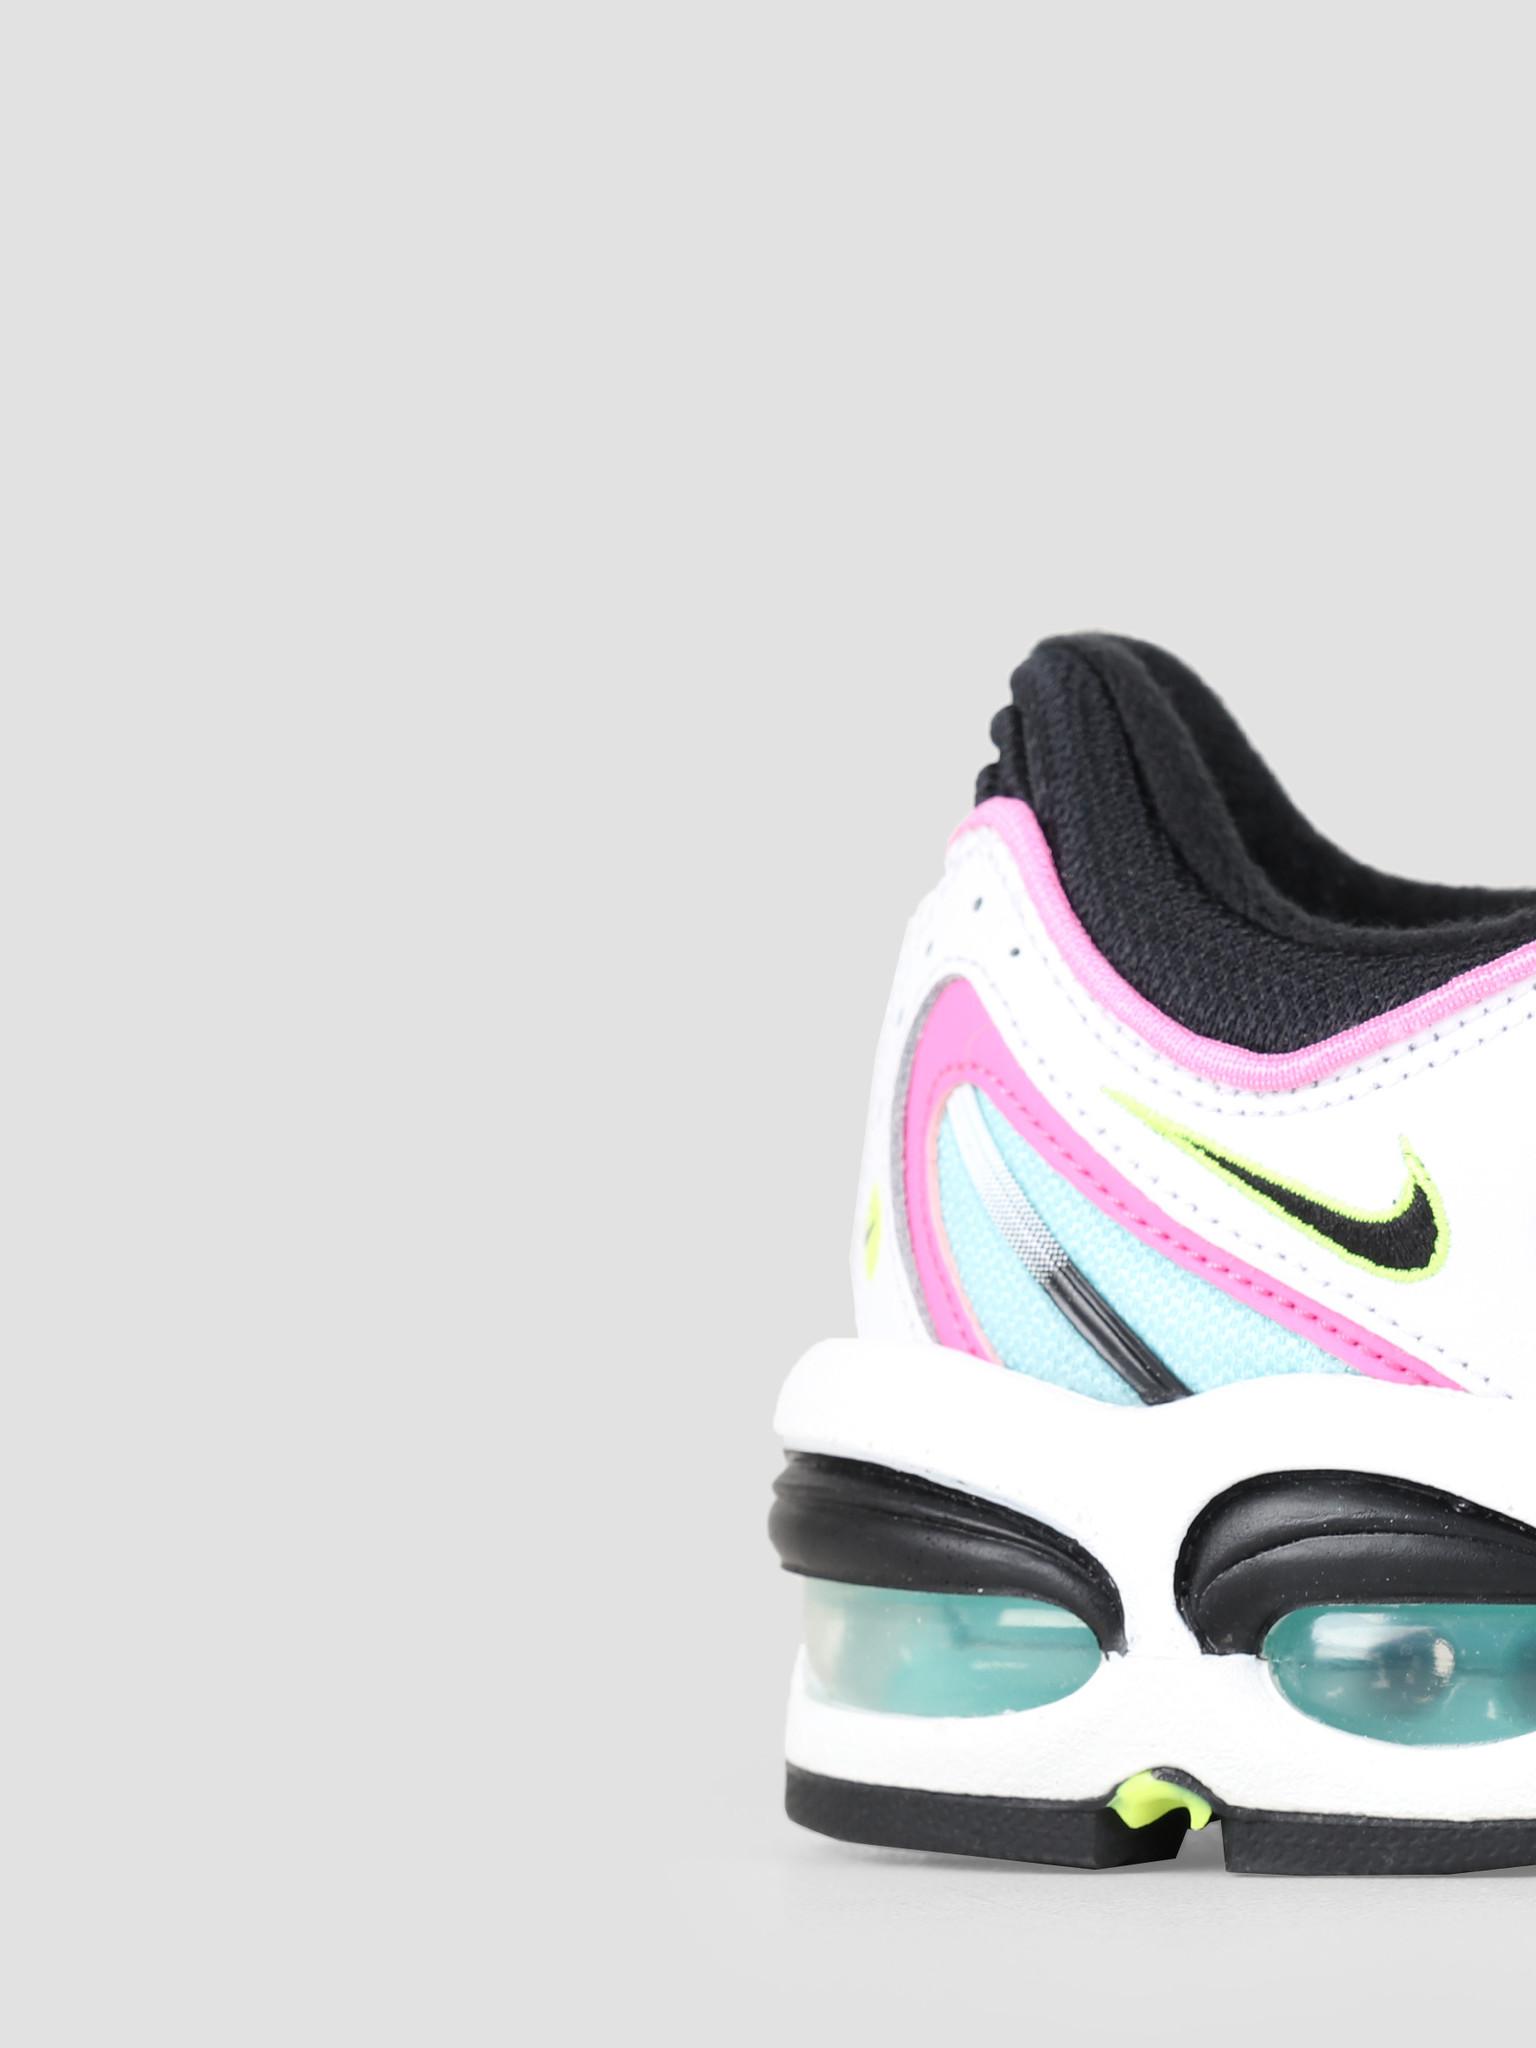 Nike Nike Air Max Tailwind Iv White Black China Rose Aurora Green AQ2567-103